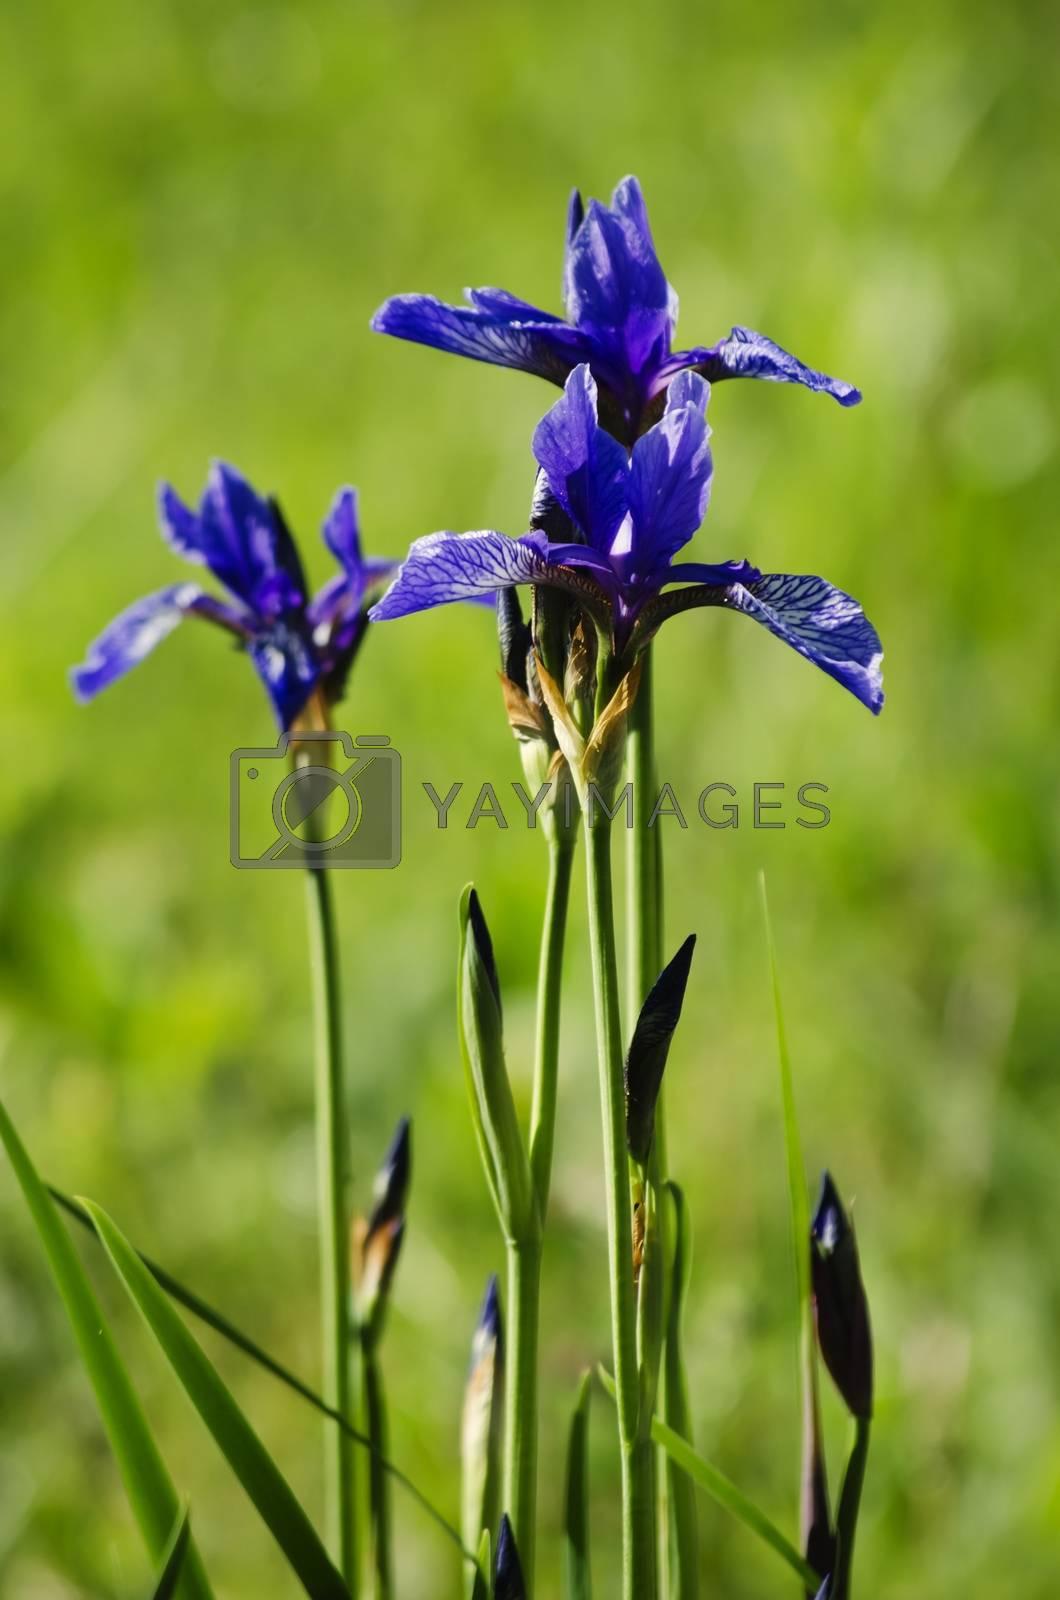 Royalty free image of Iris Flower by razvodovska